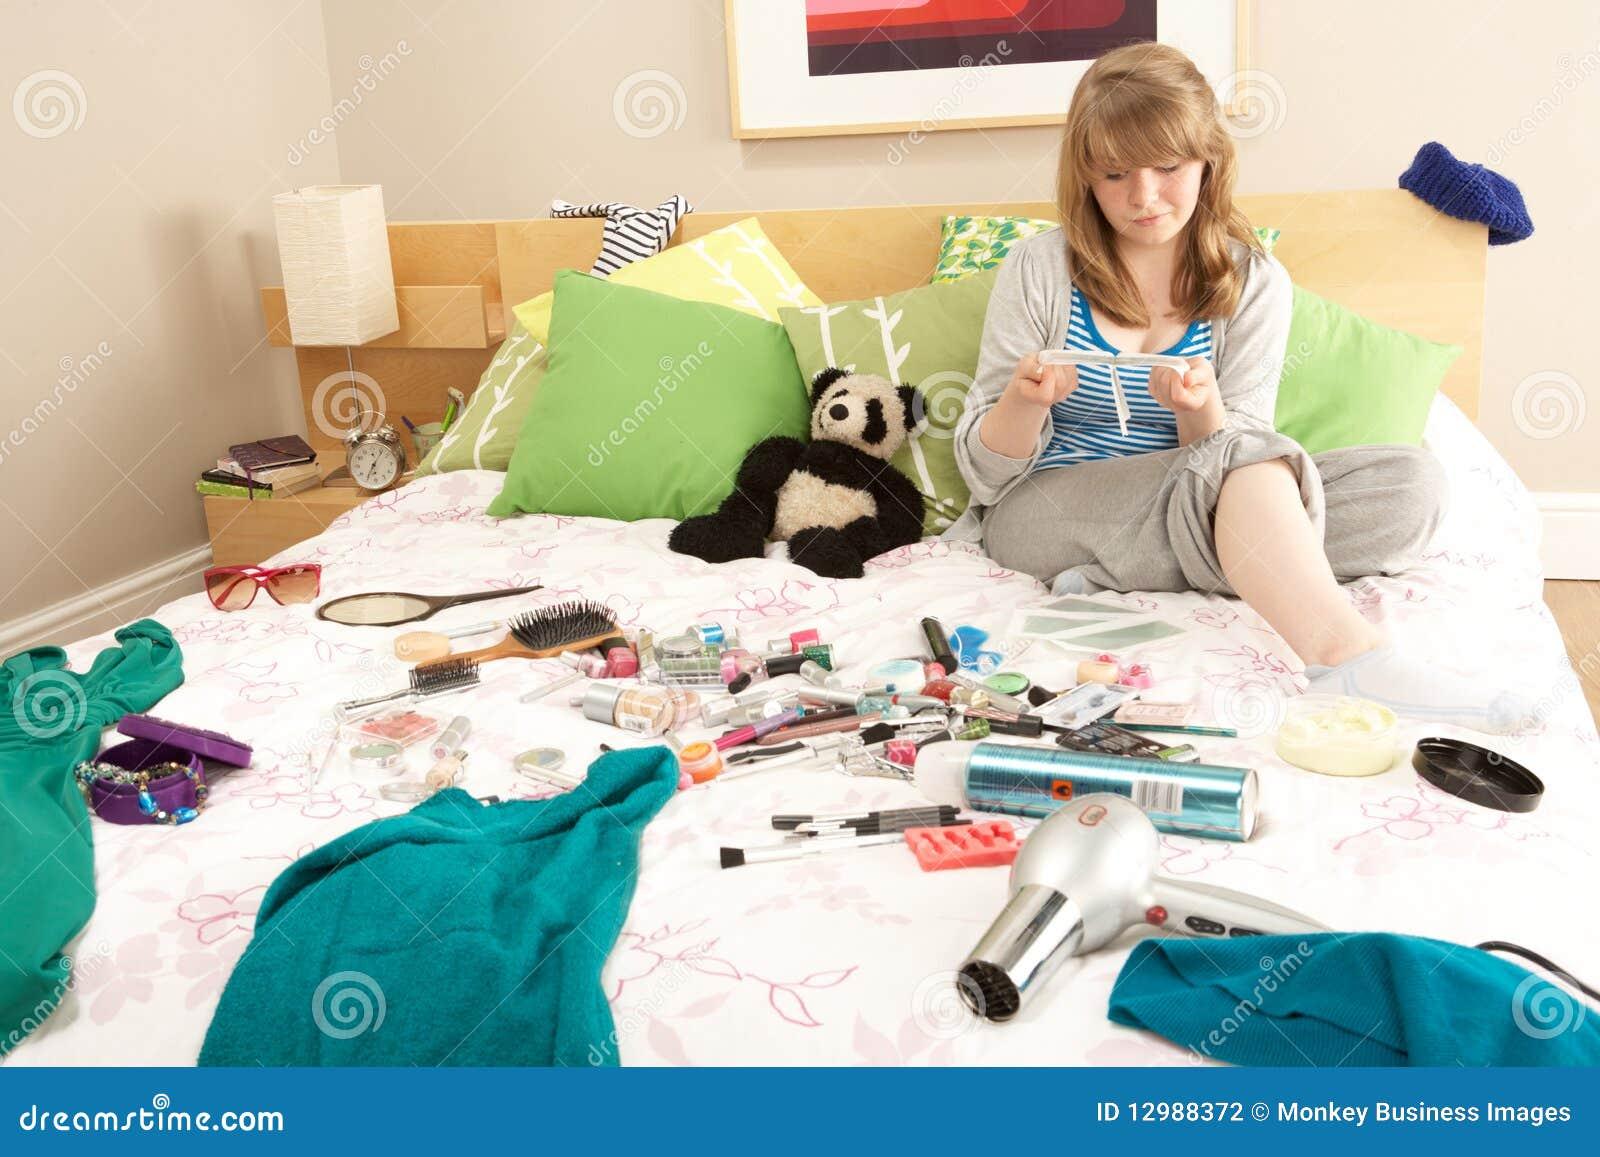 Stages desordenado las habitaciones de adolescentes en